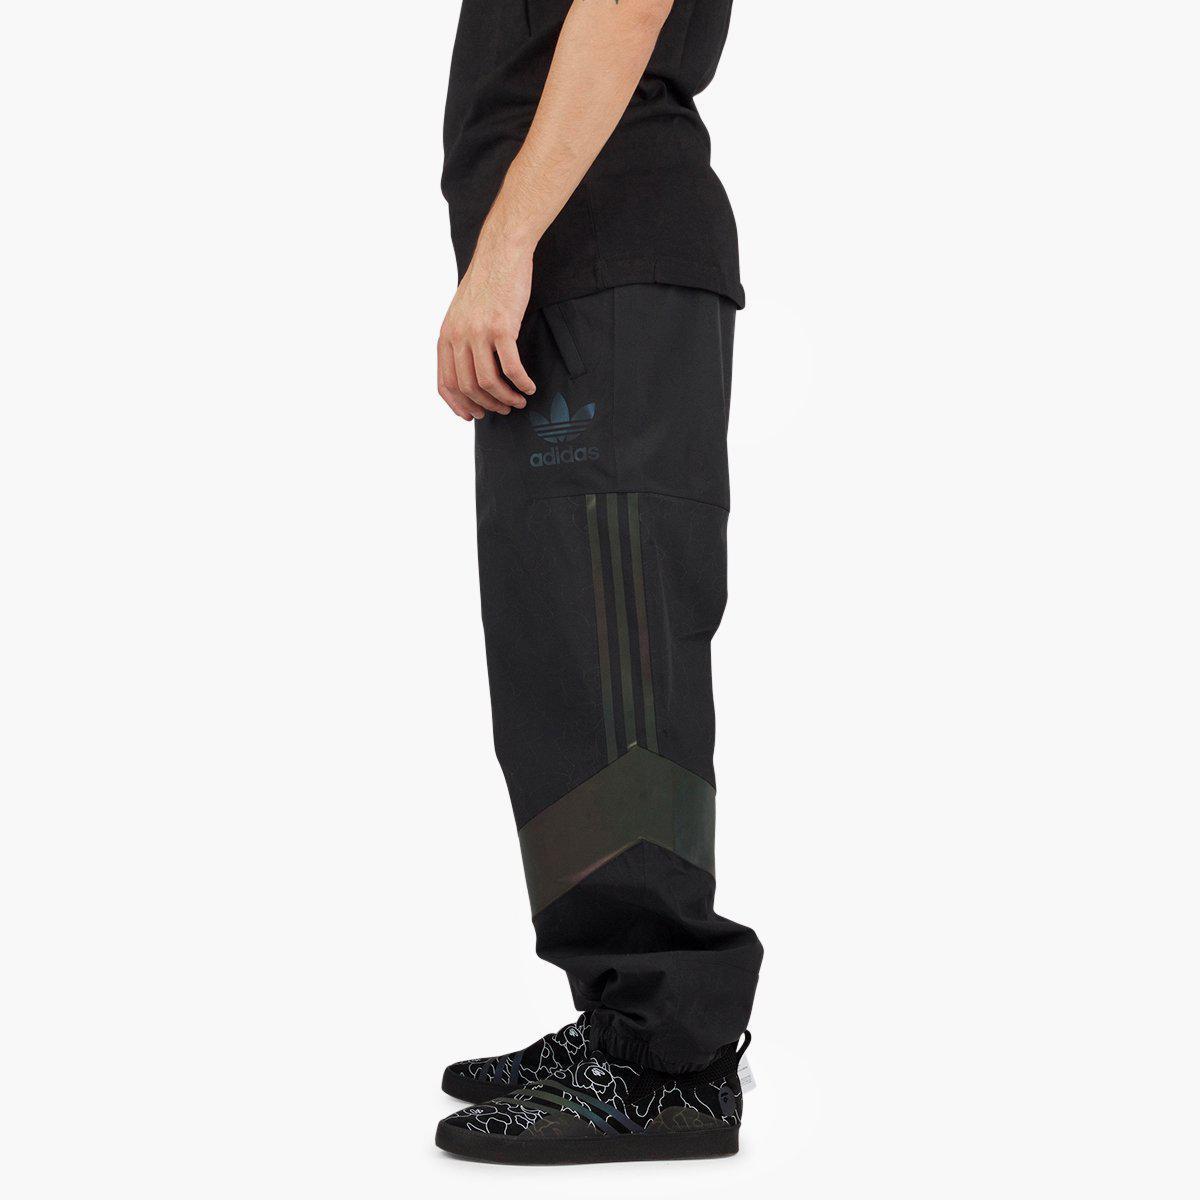 7a506171 Adidas Originals - Black Adidas Originals X Bape Slopetrotter Pant for Men  - Lyst. View fullscreen